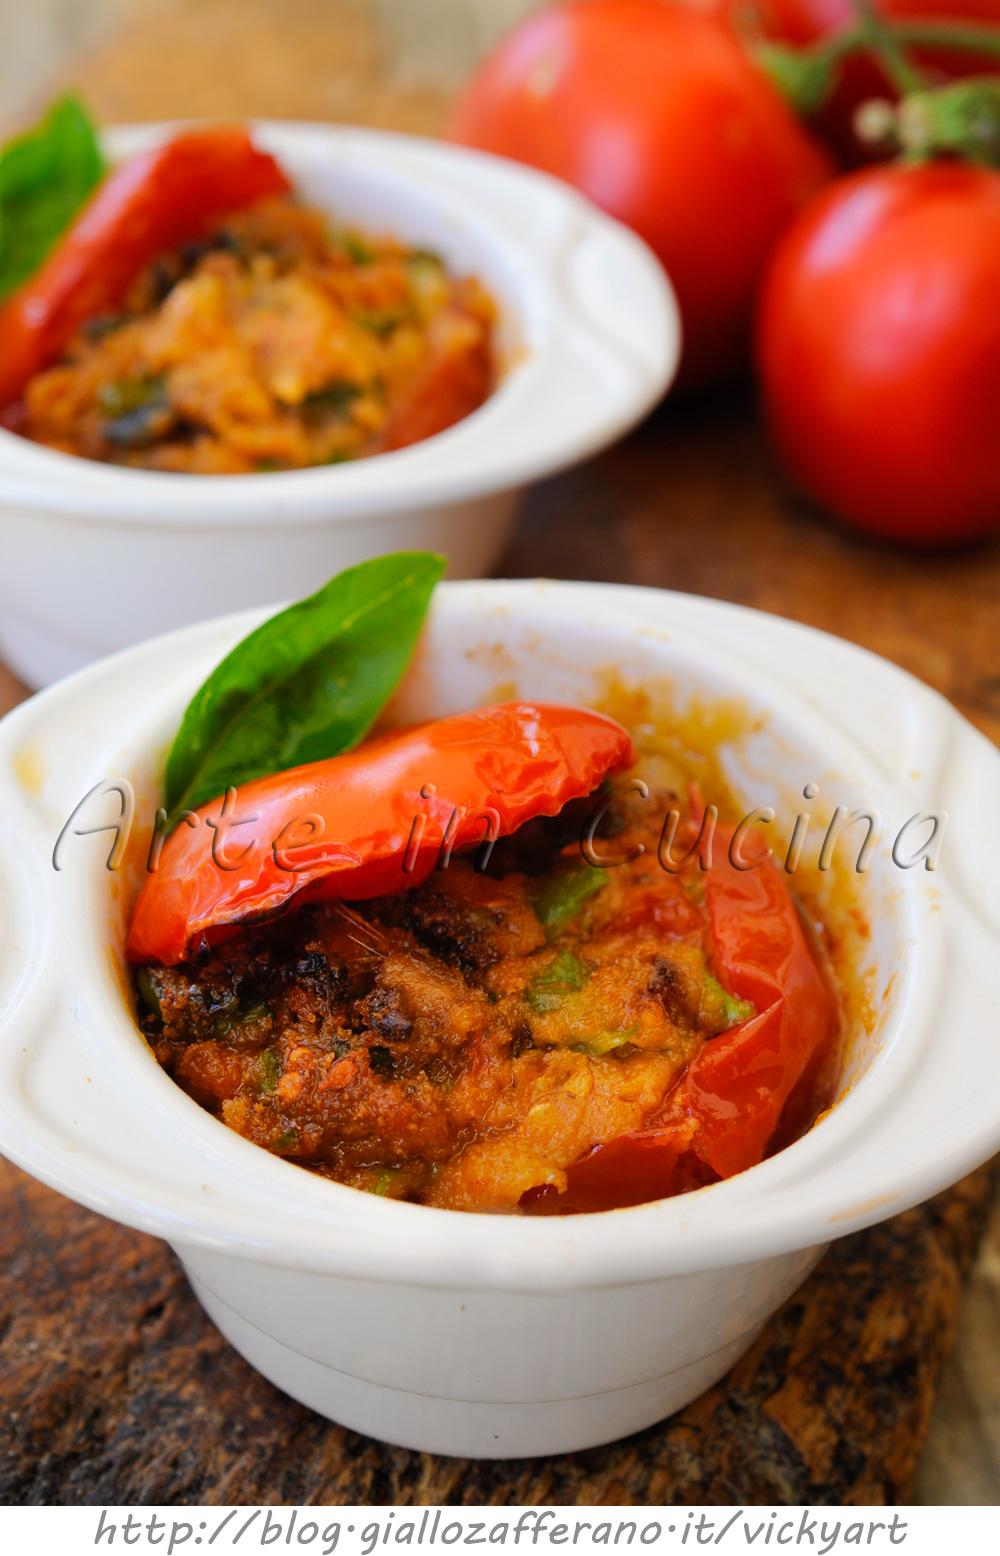 Pomodori sfiziosi ripieni alla palermitana vickyart arte in cucina